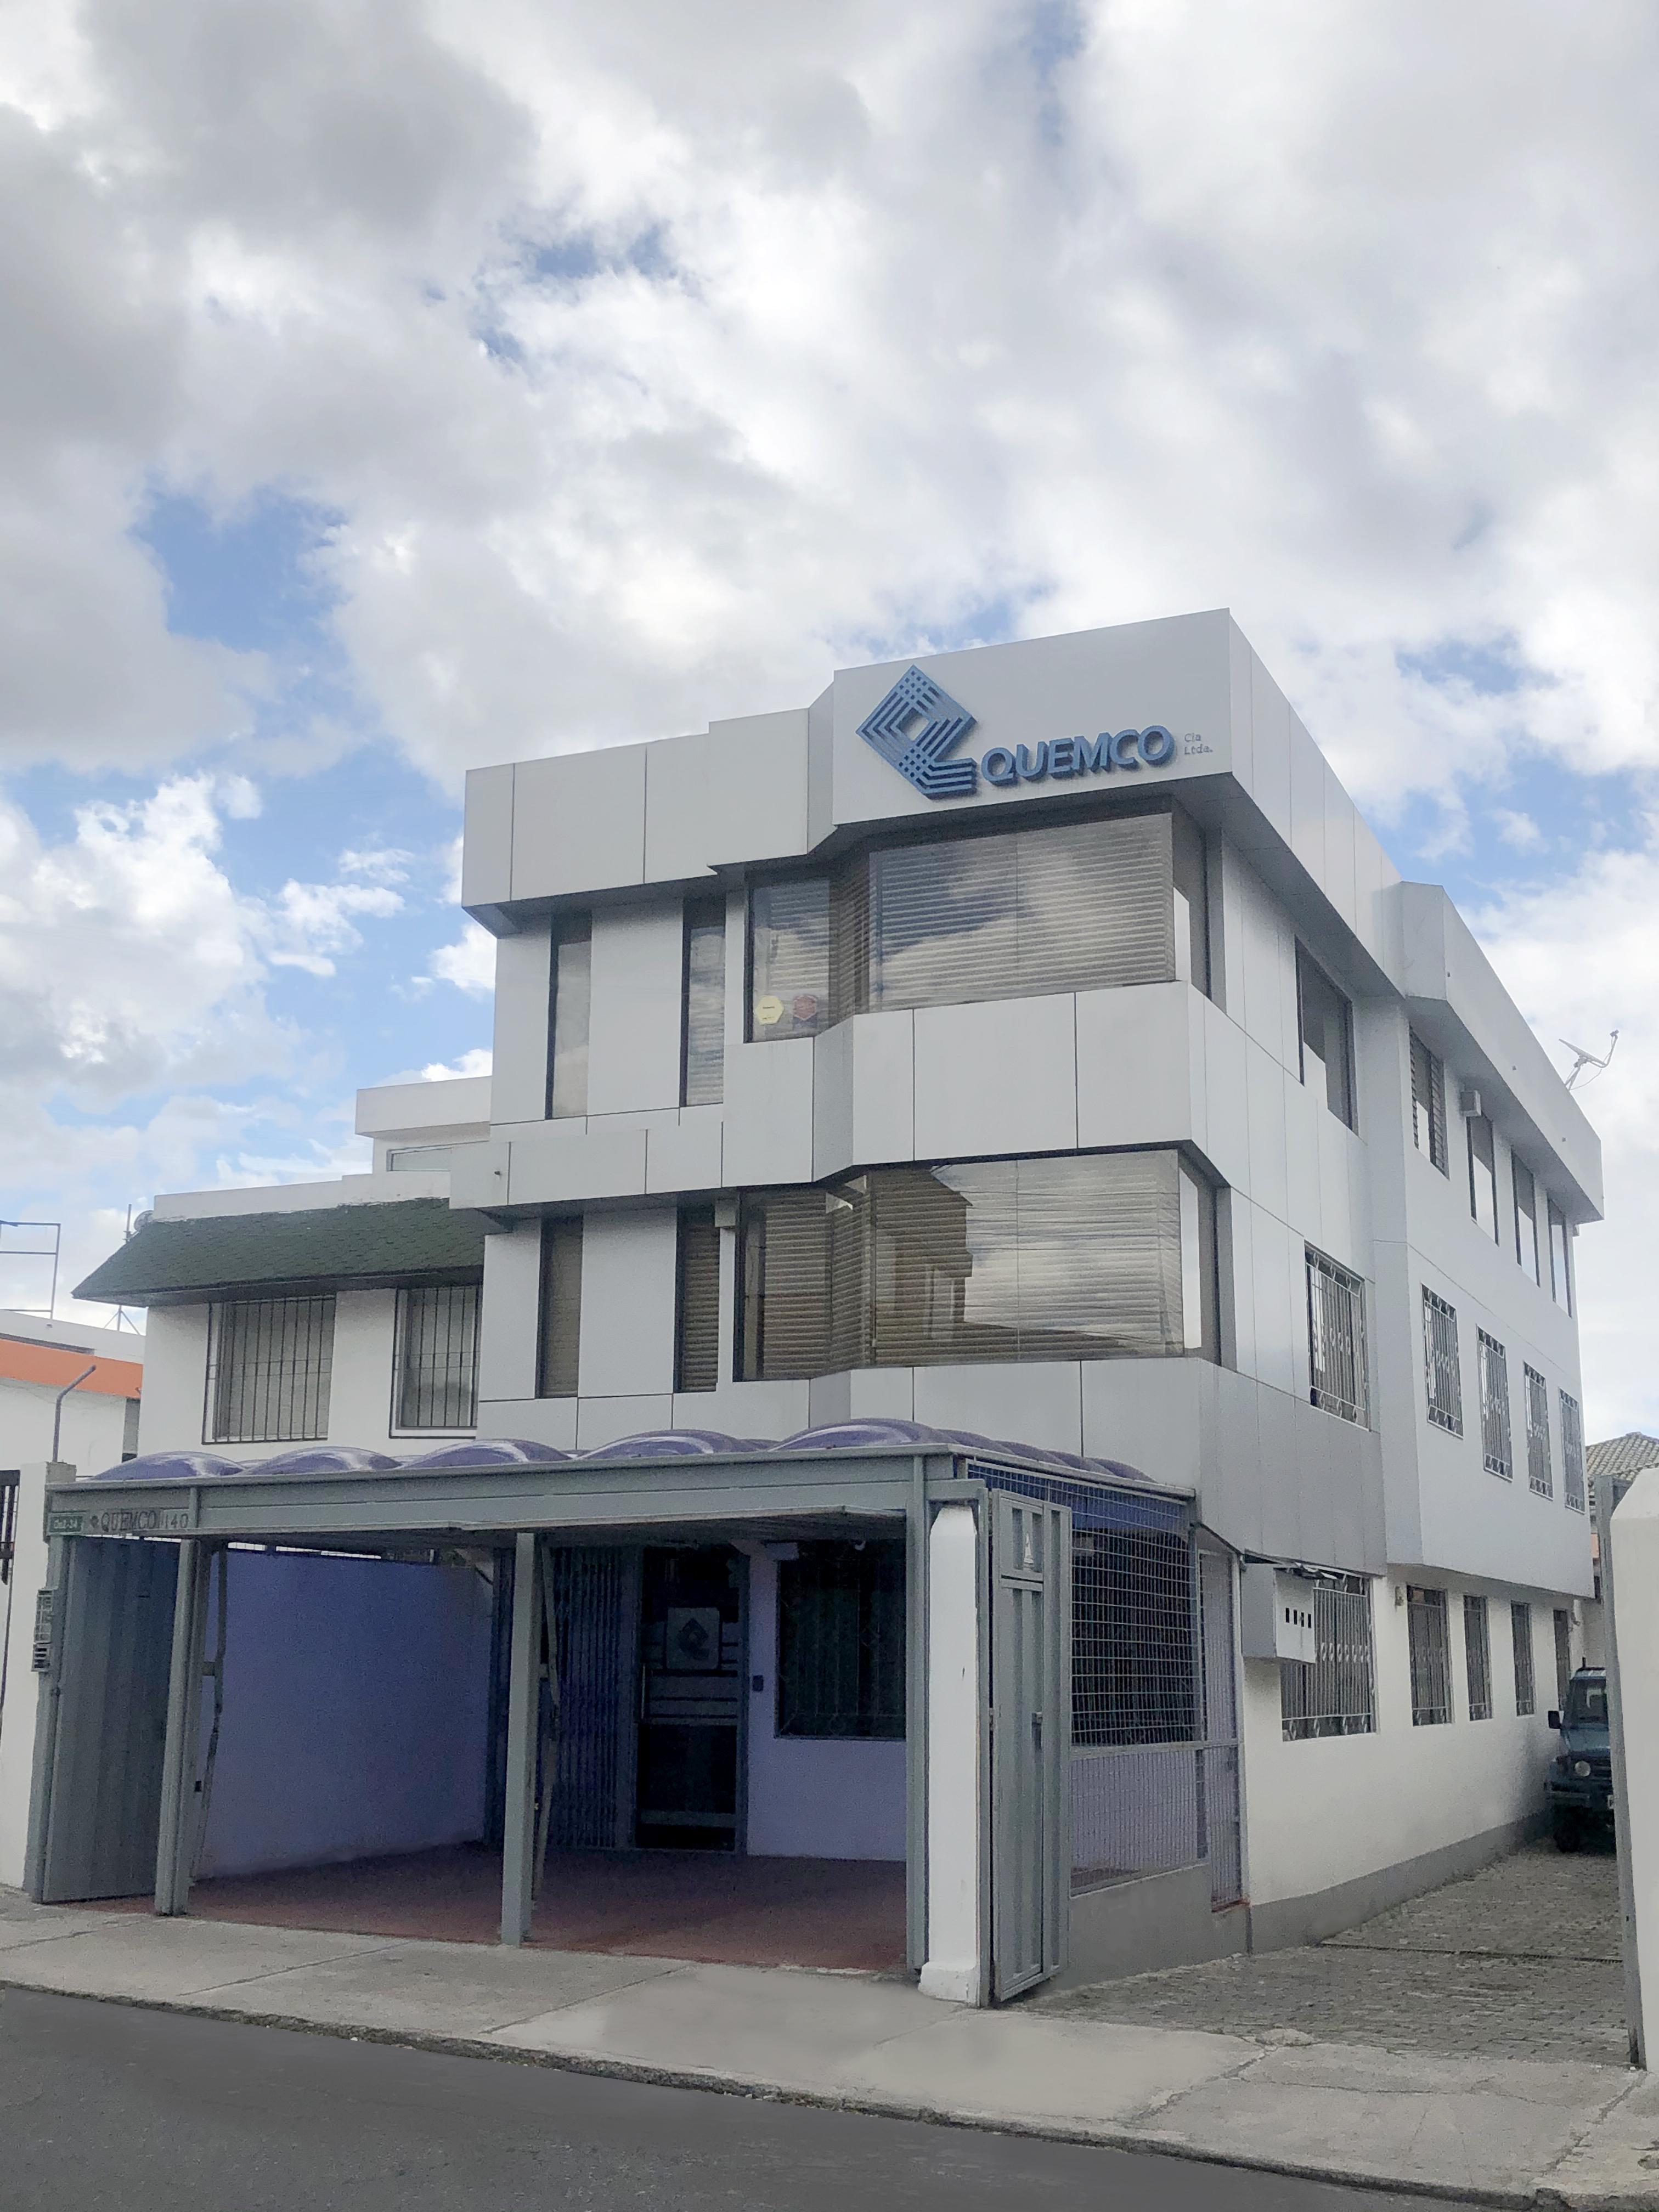 Quemco Cia. Ltda. Quito - Ecuador